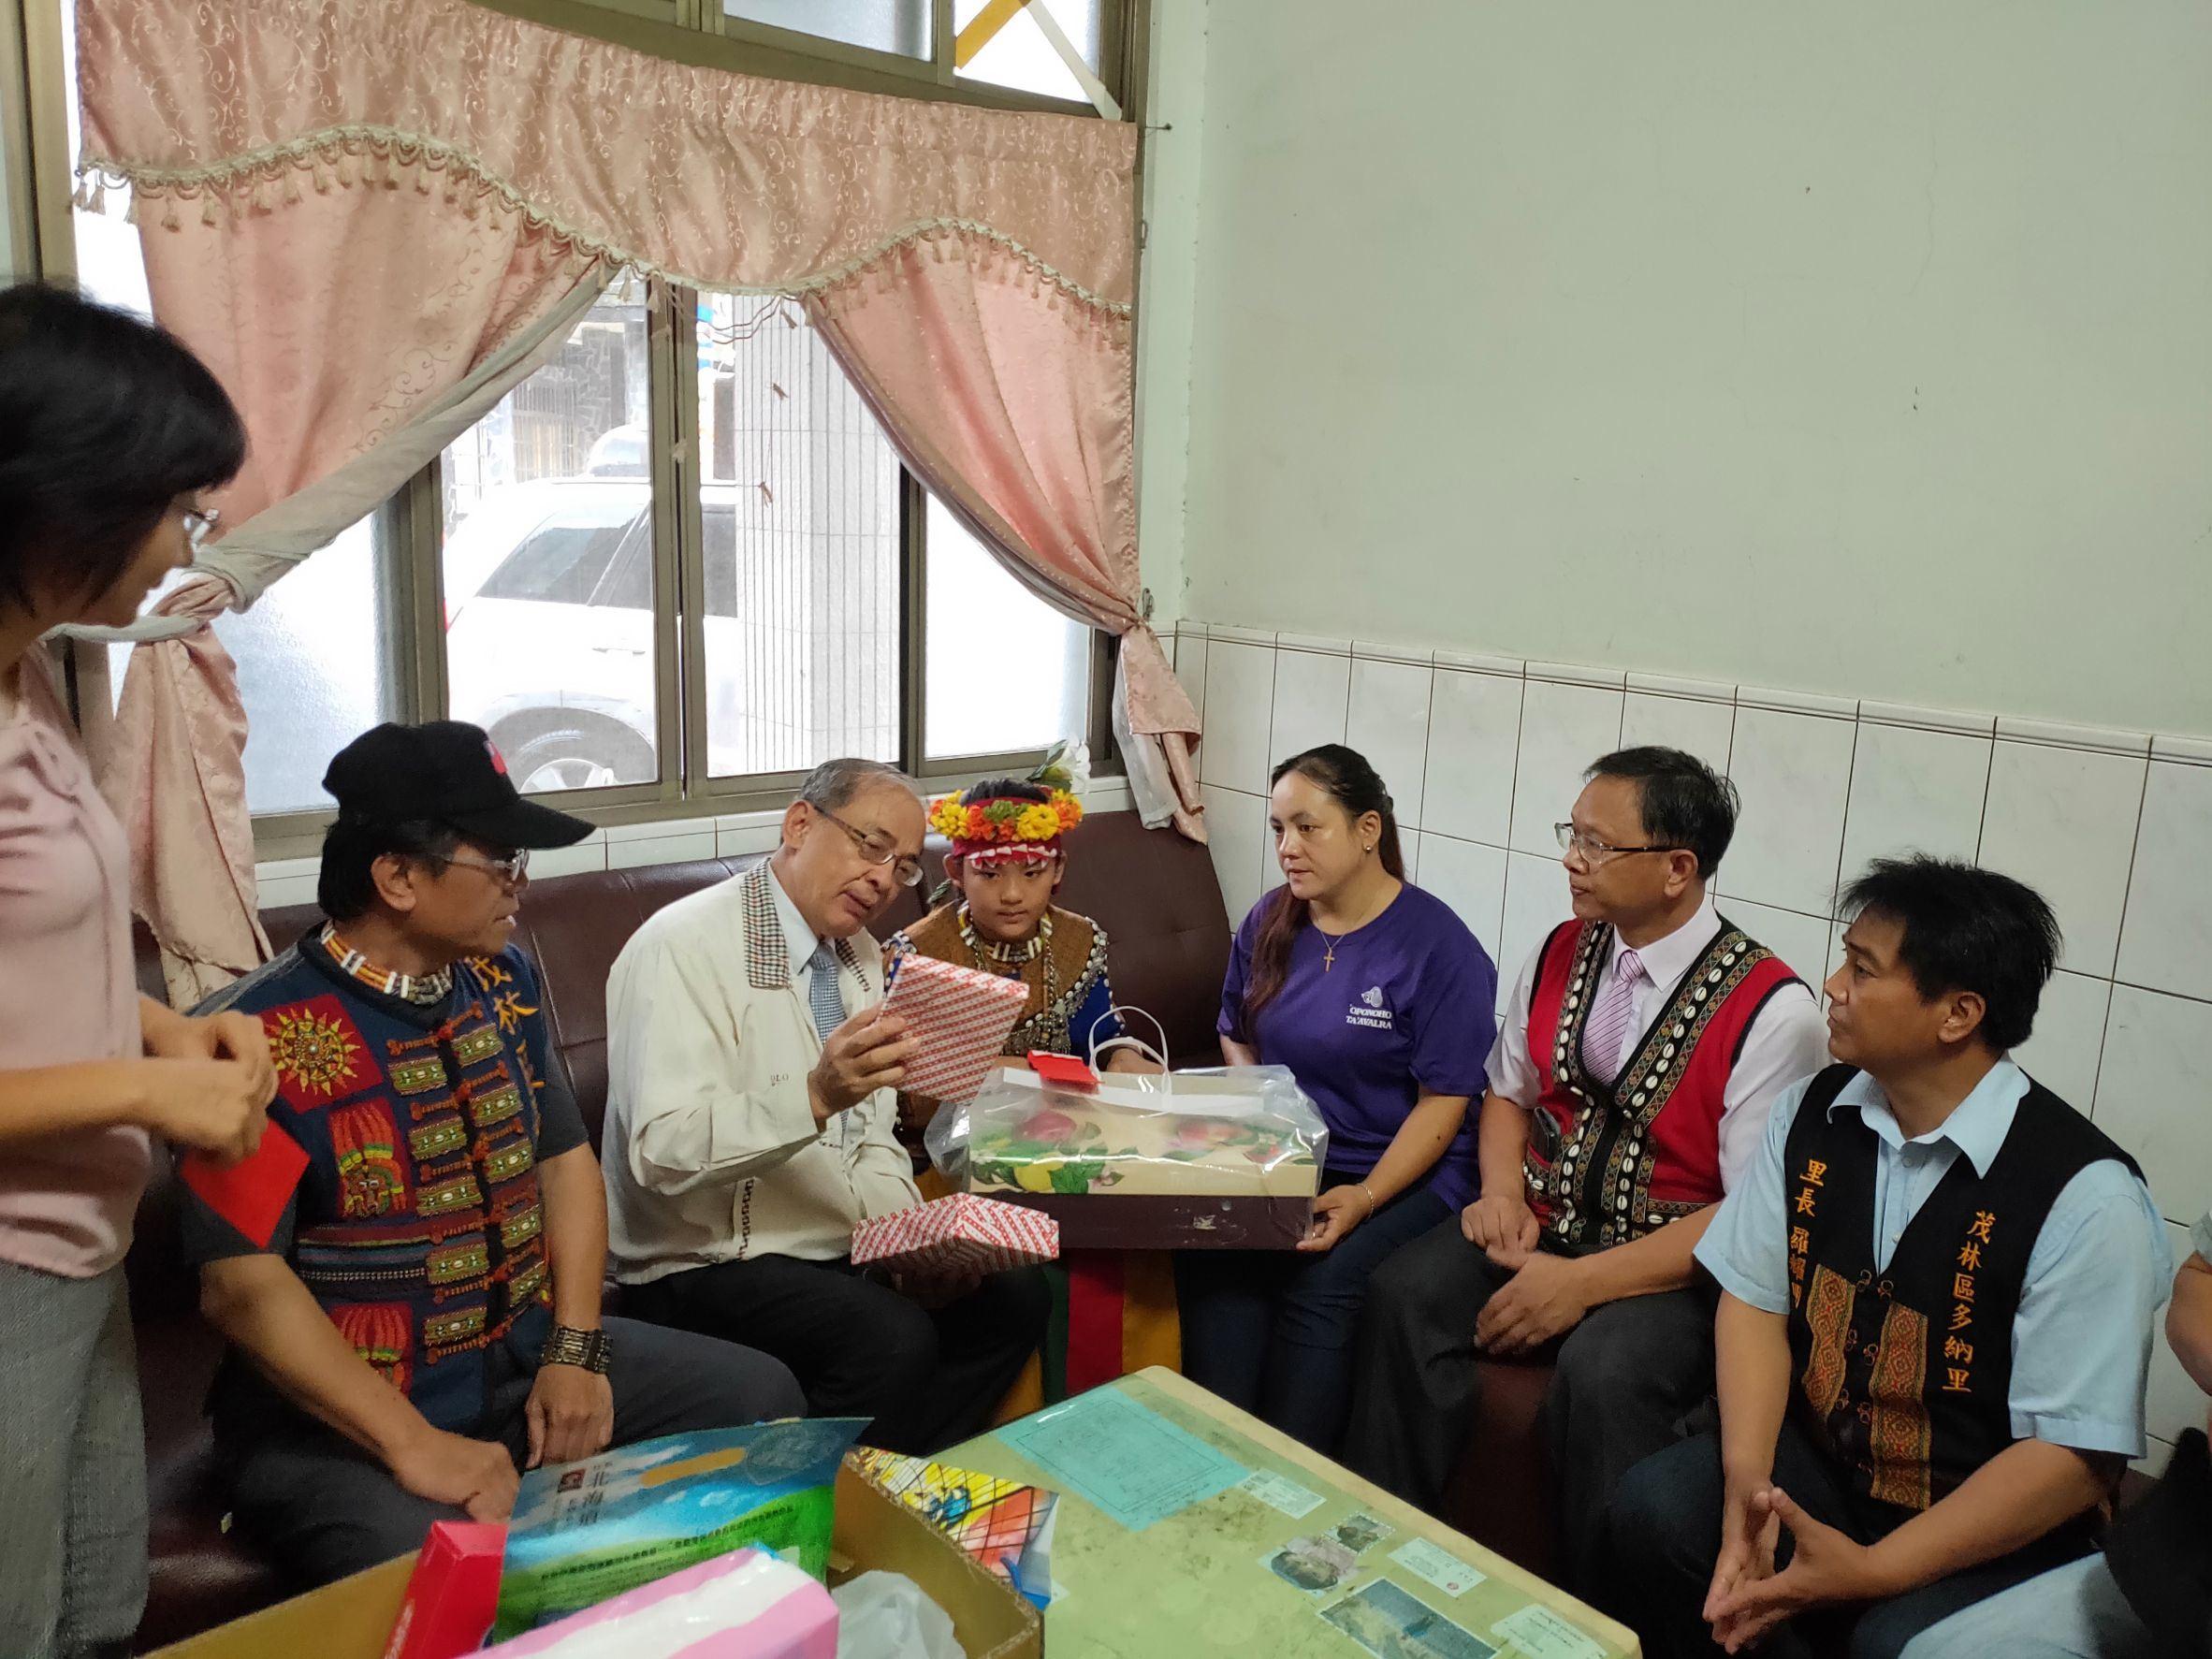 訪視茂林區弱勢單親家庭-洪副市長送勵志書給失怙的學童並鼓勵.jpg